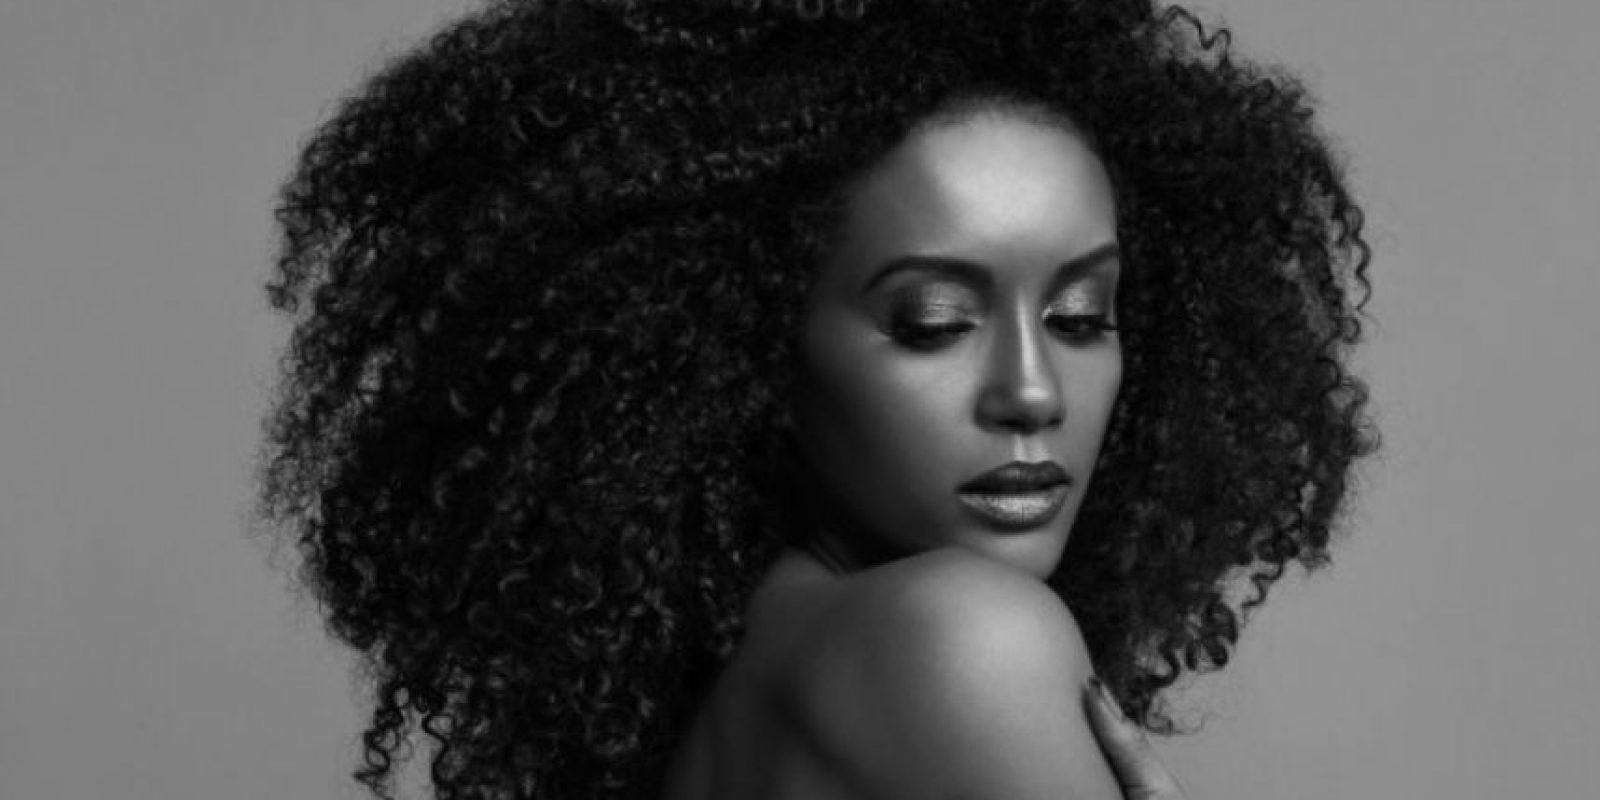 Fue elegida como una de las 50 personas más bellas del mundo. Foto:vía Facebook/ Taís Araújo